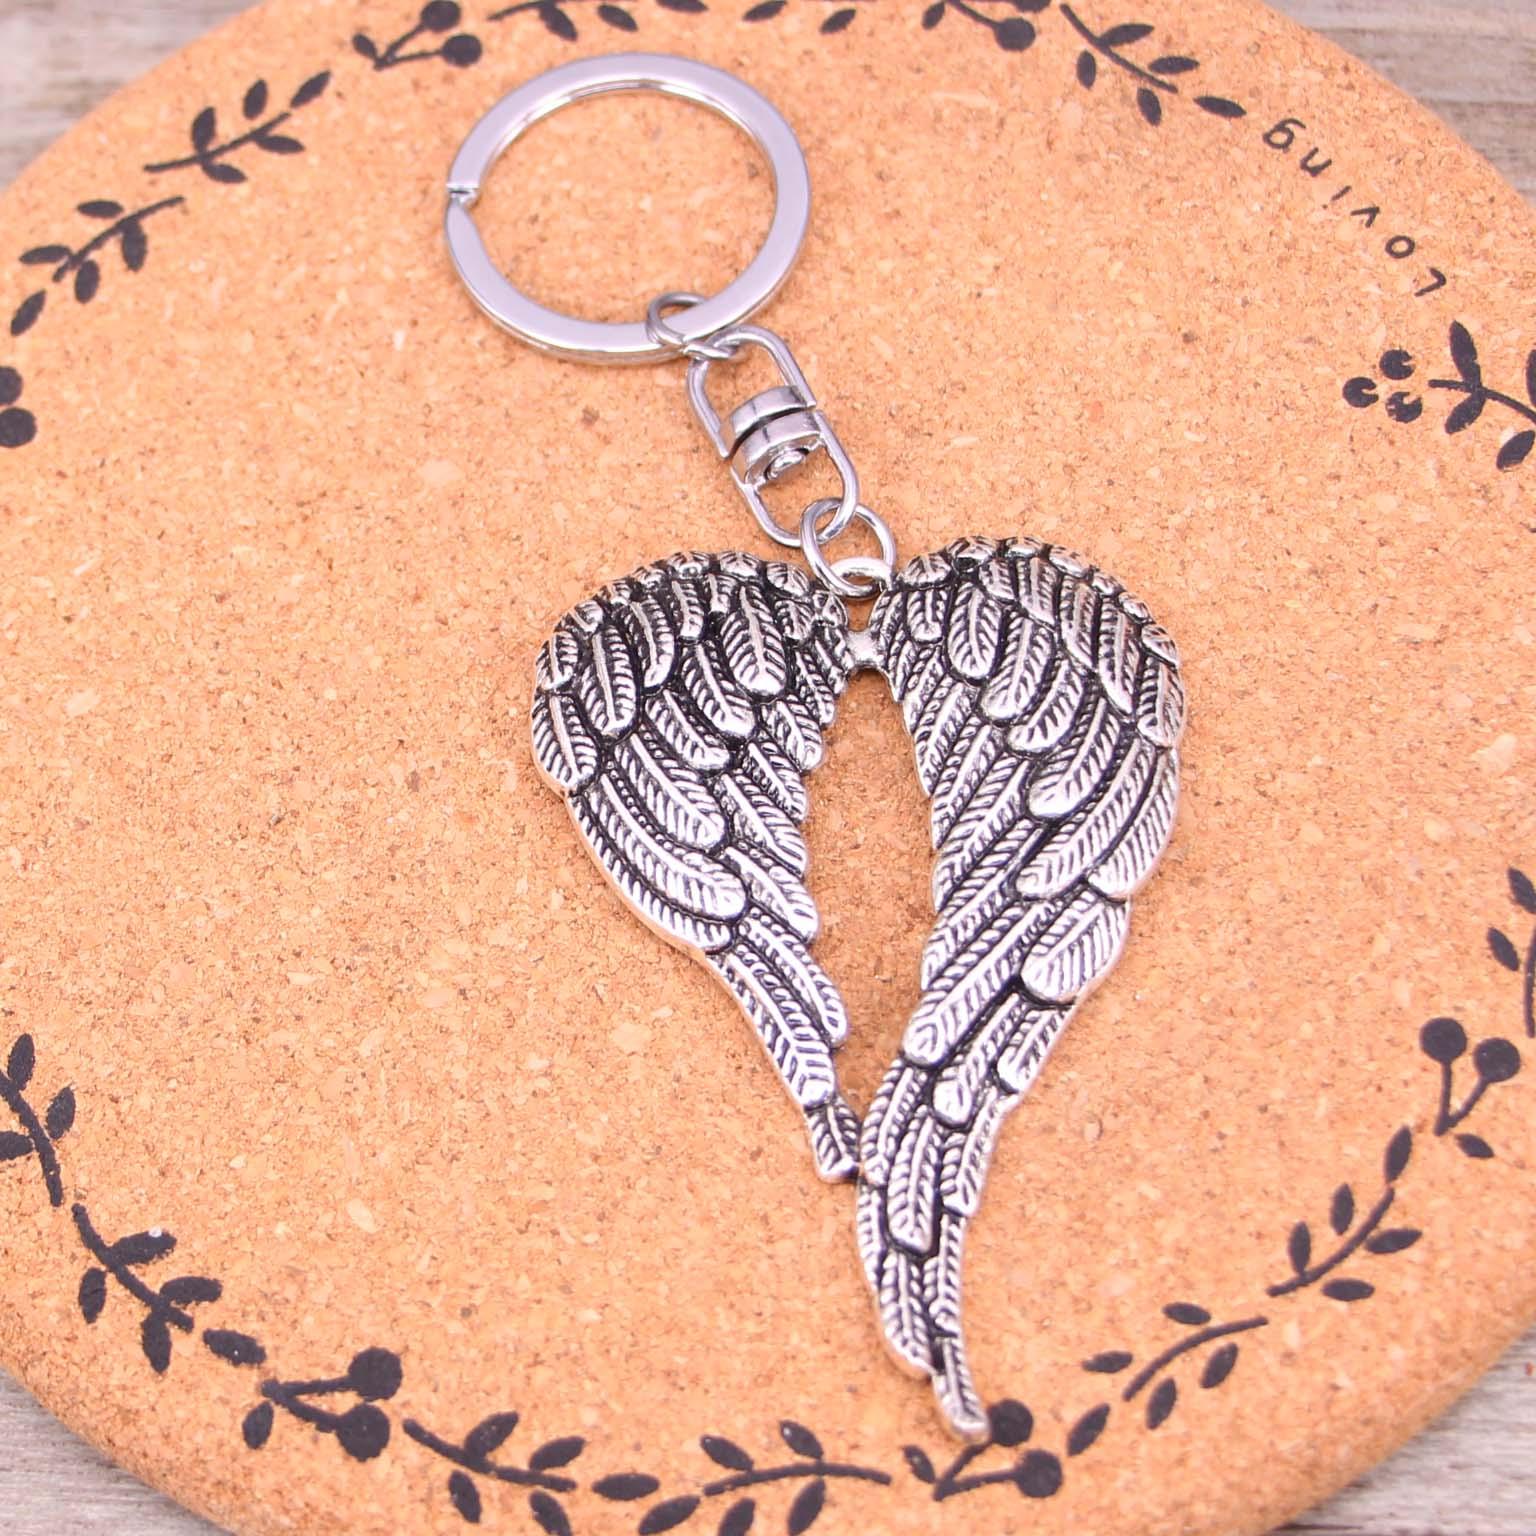 50pcs Hot koop Nieuwe sleutelhanger key ring verzilverd engelenvleugels sleutelhanger voor auto metalen Hanger Bag Charm sleutelhanger-in Sleutelhangers van Sieraden & accessoires op  Groep 1